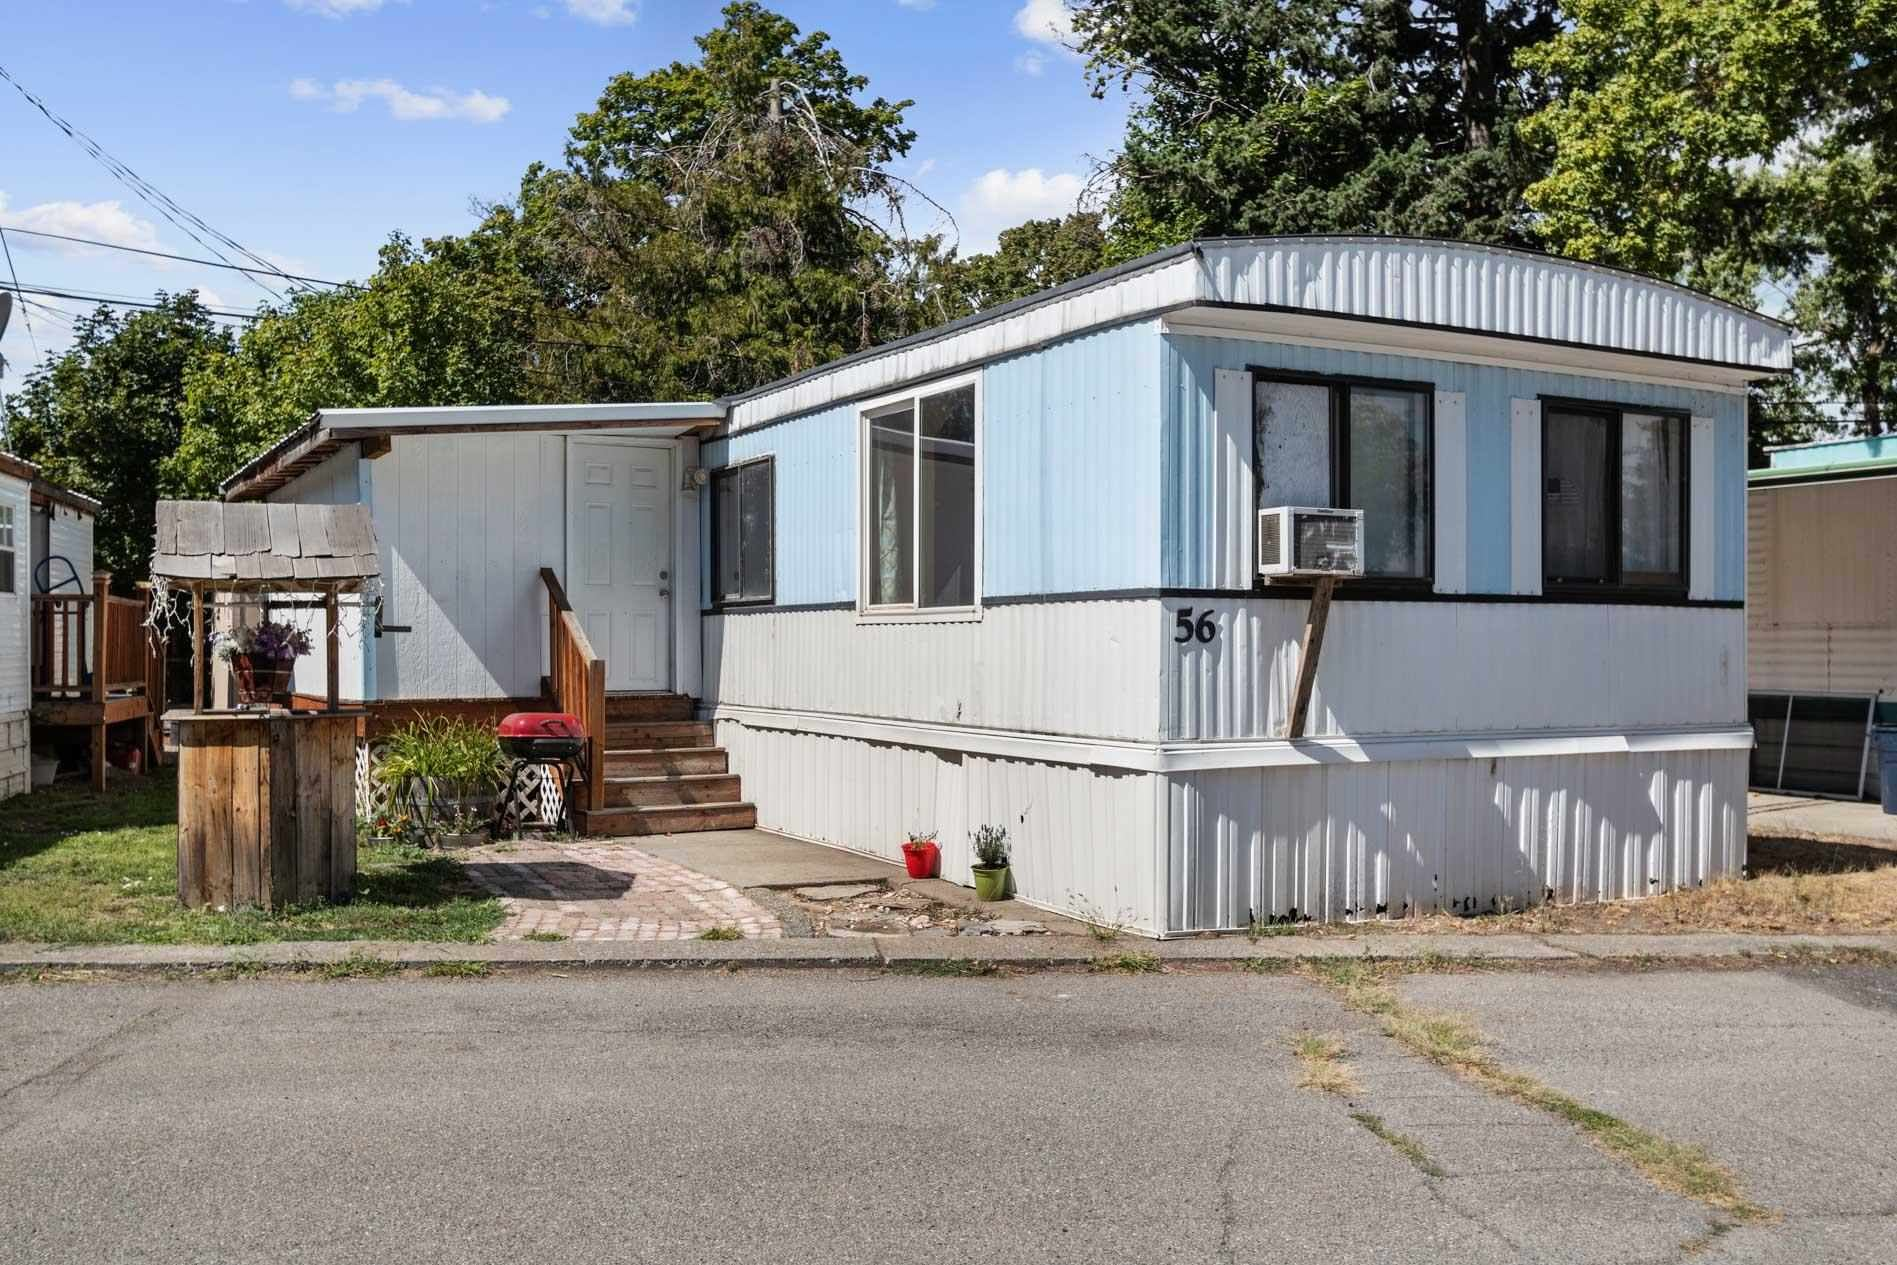 205 S Park Rd #56, Spokane Valley, WA 99212 - #: 202120853